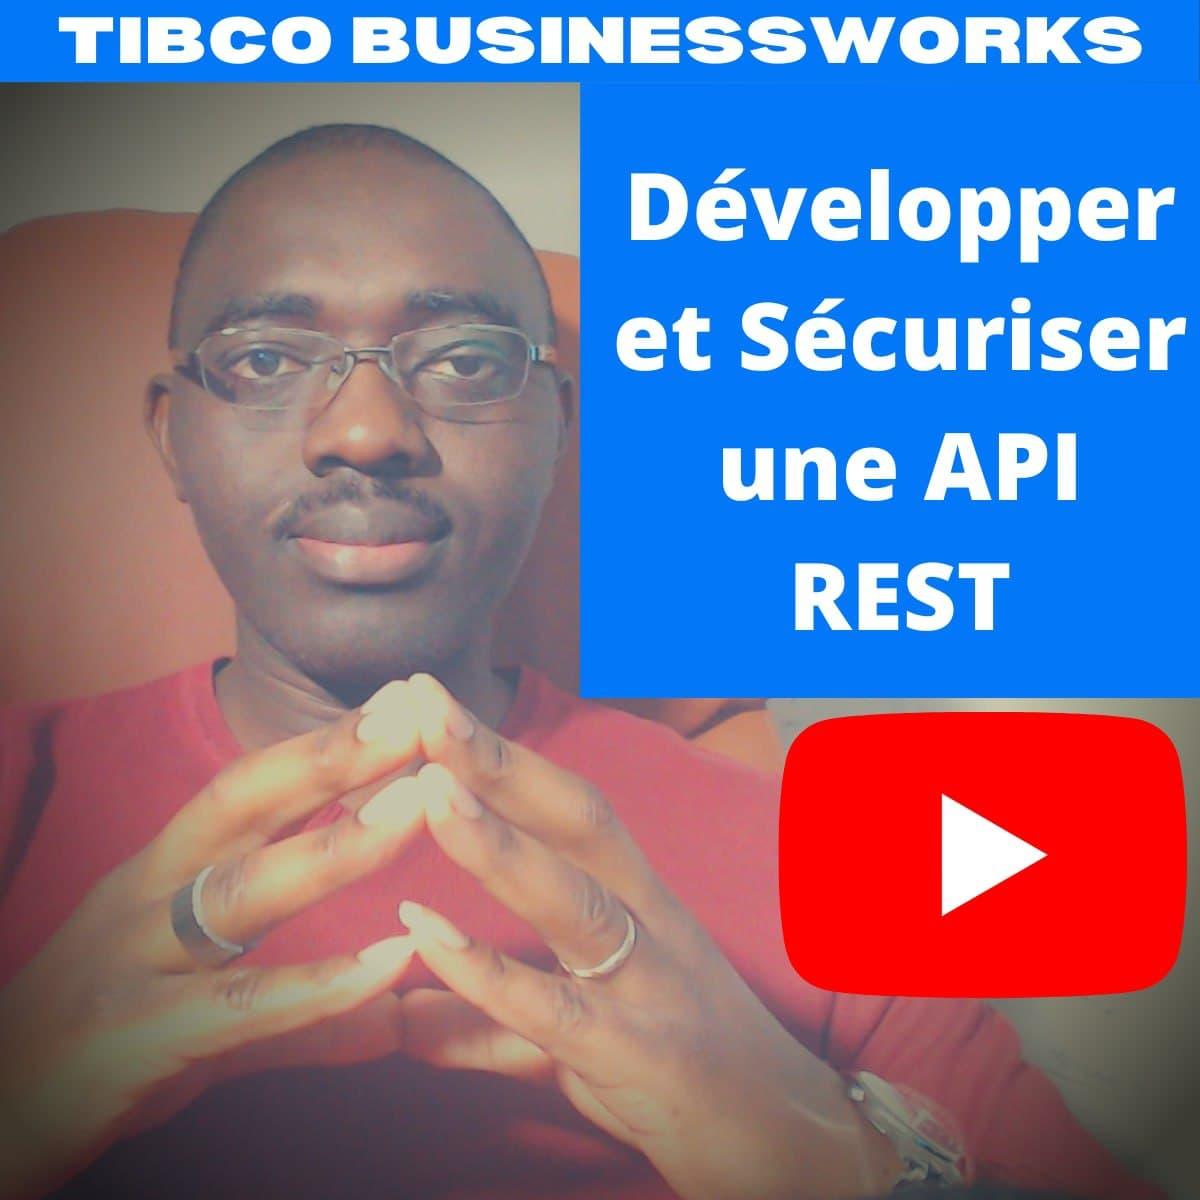 Développer un service REST TIBCO